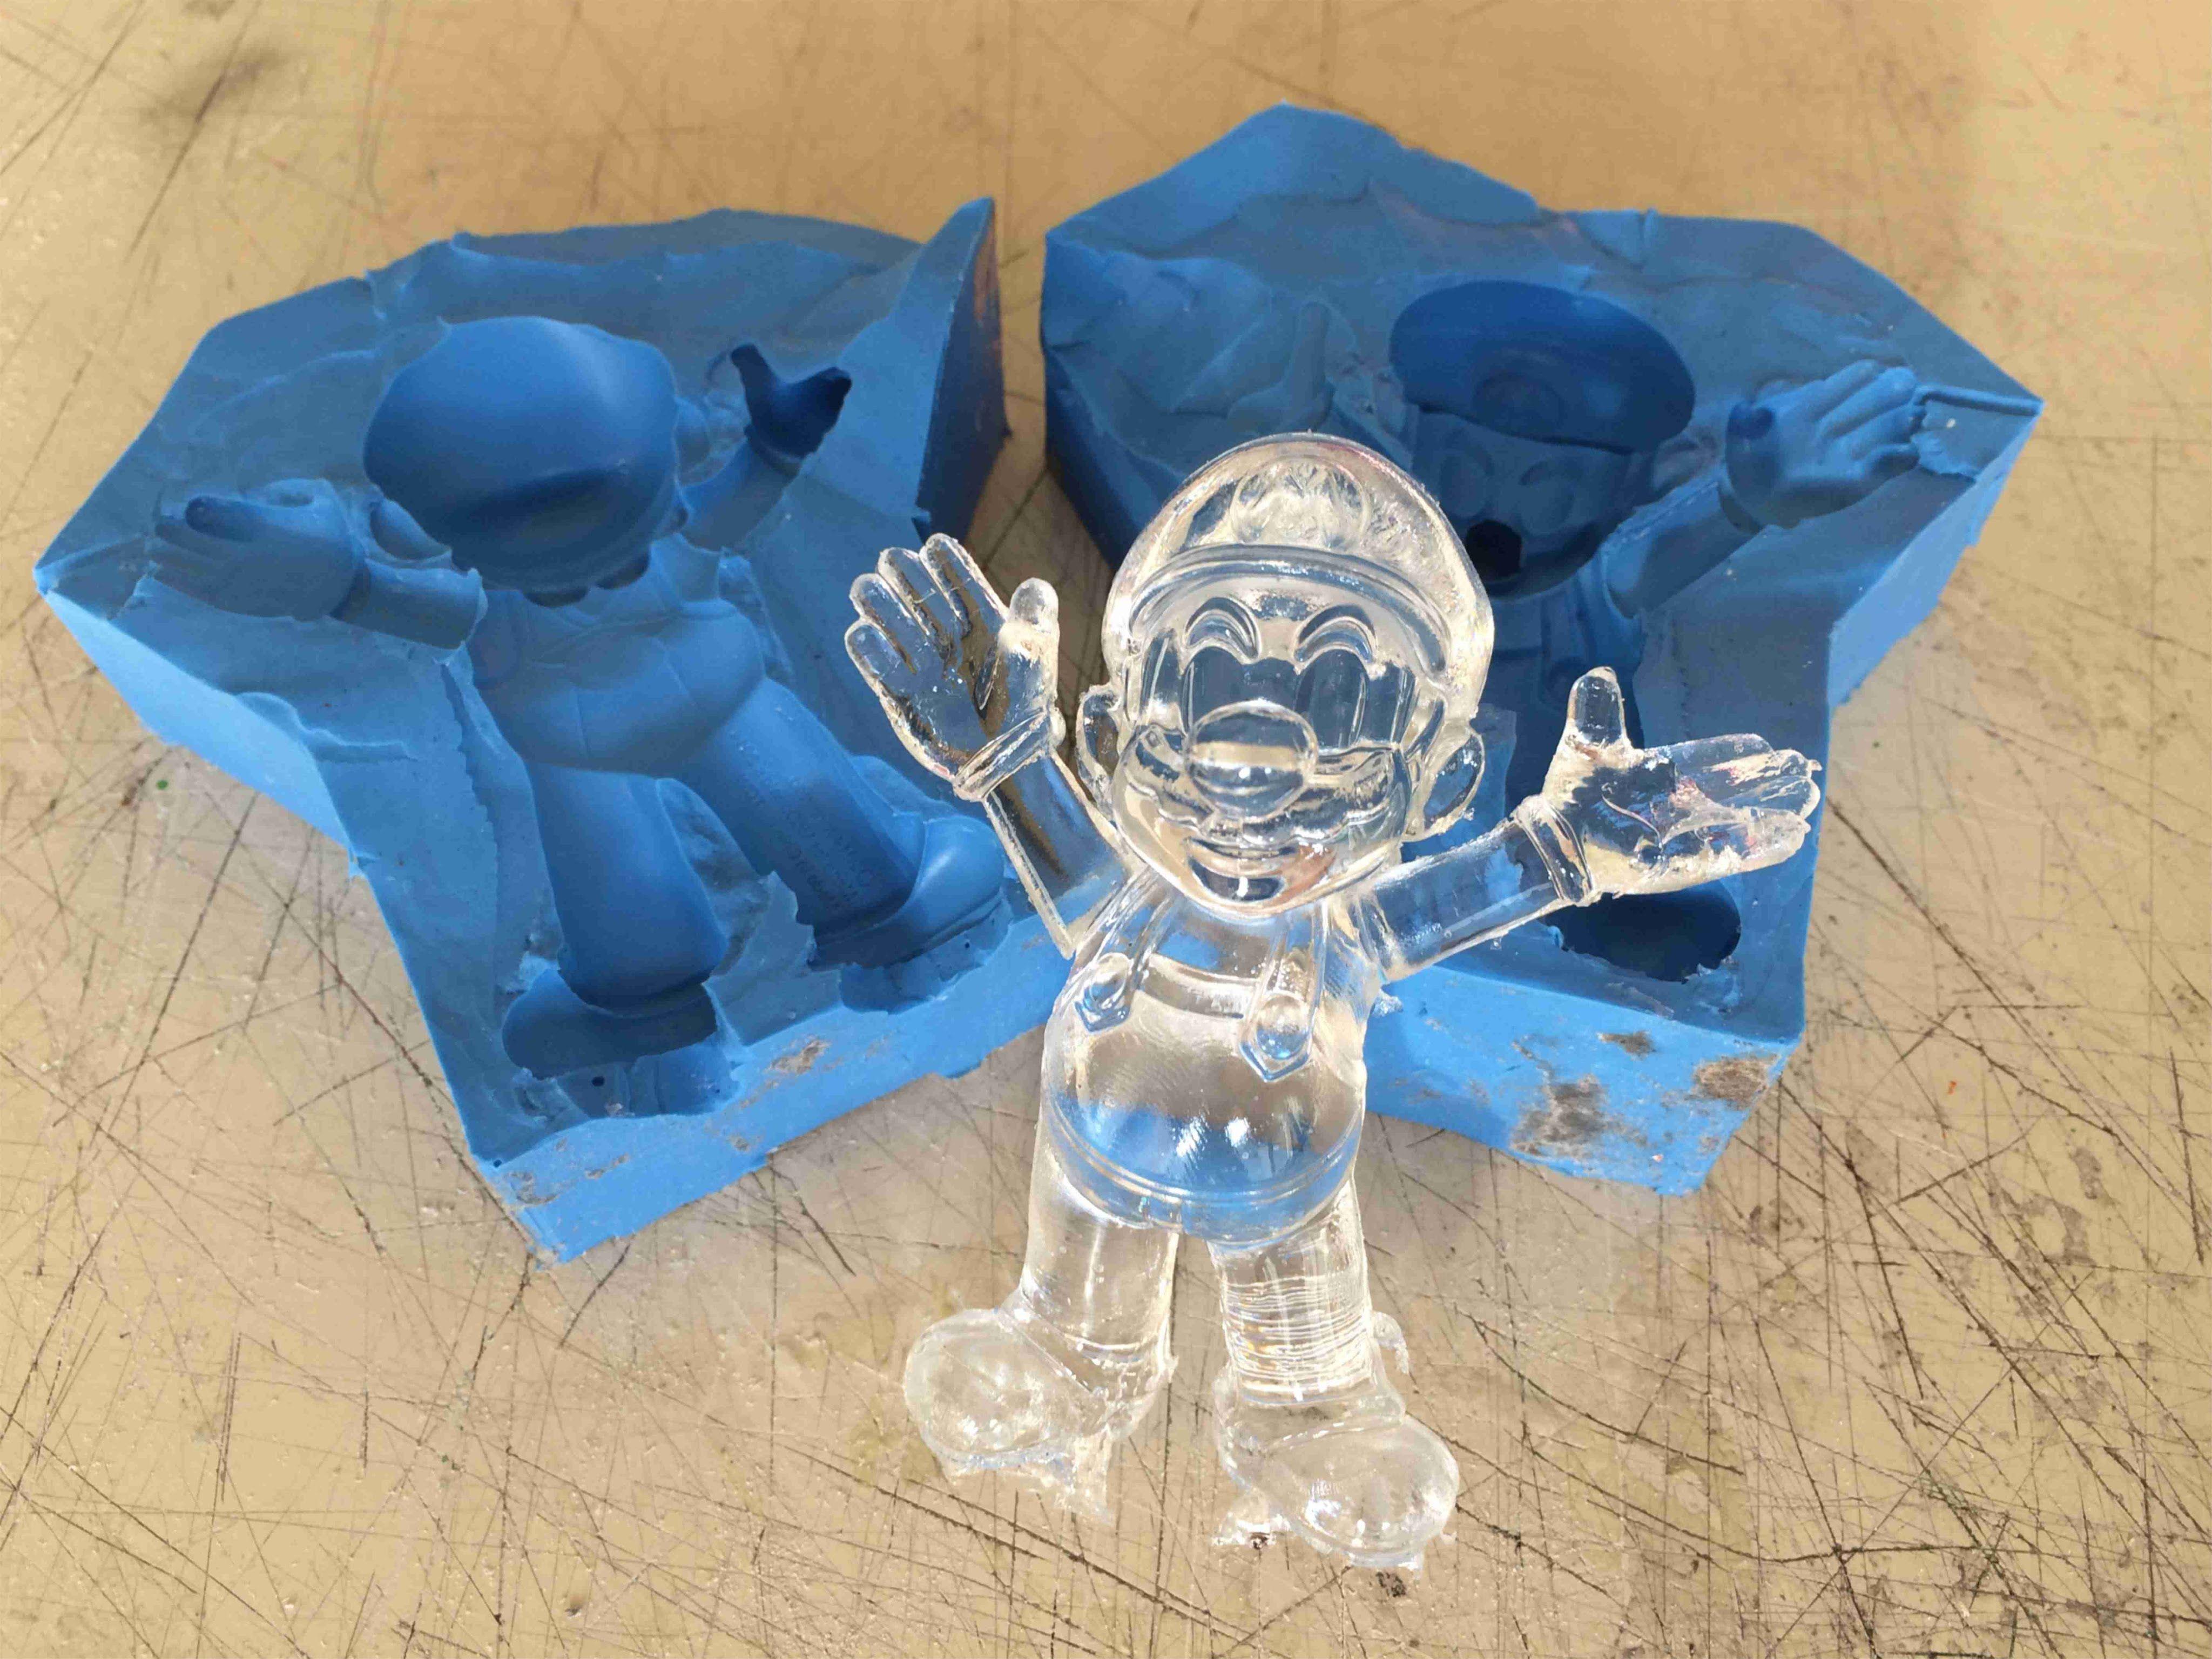 Prototipagem Mário Bros. - Expressão Gráfica UFPR